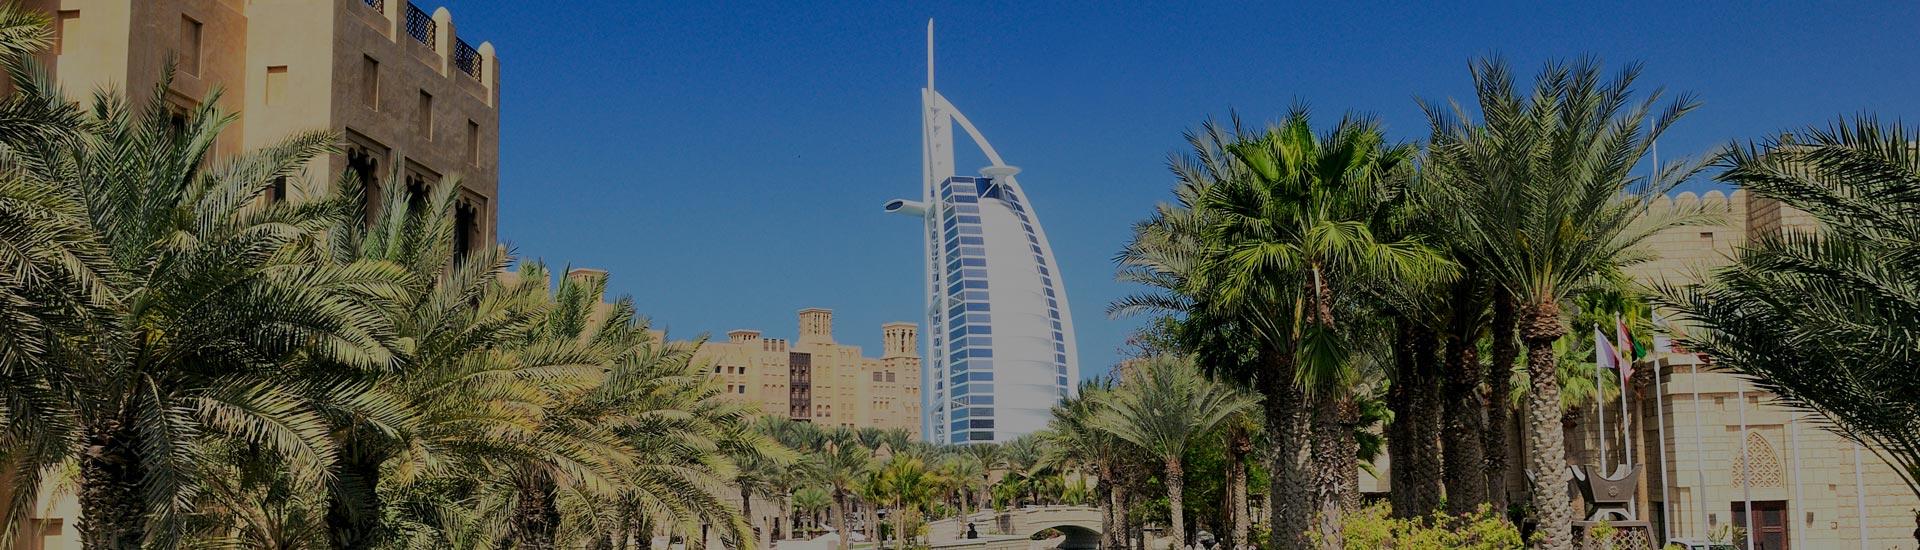 Spedition-in-die-Vereinigte-Arabische-Emirate